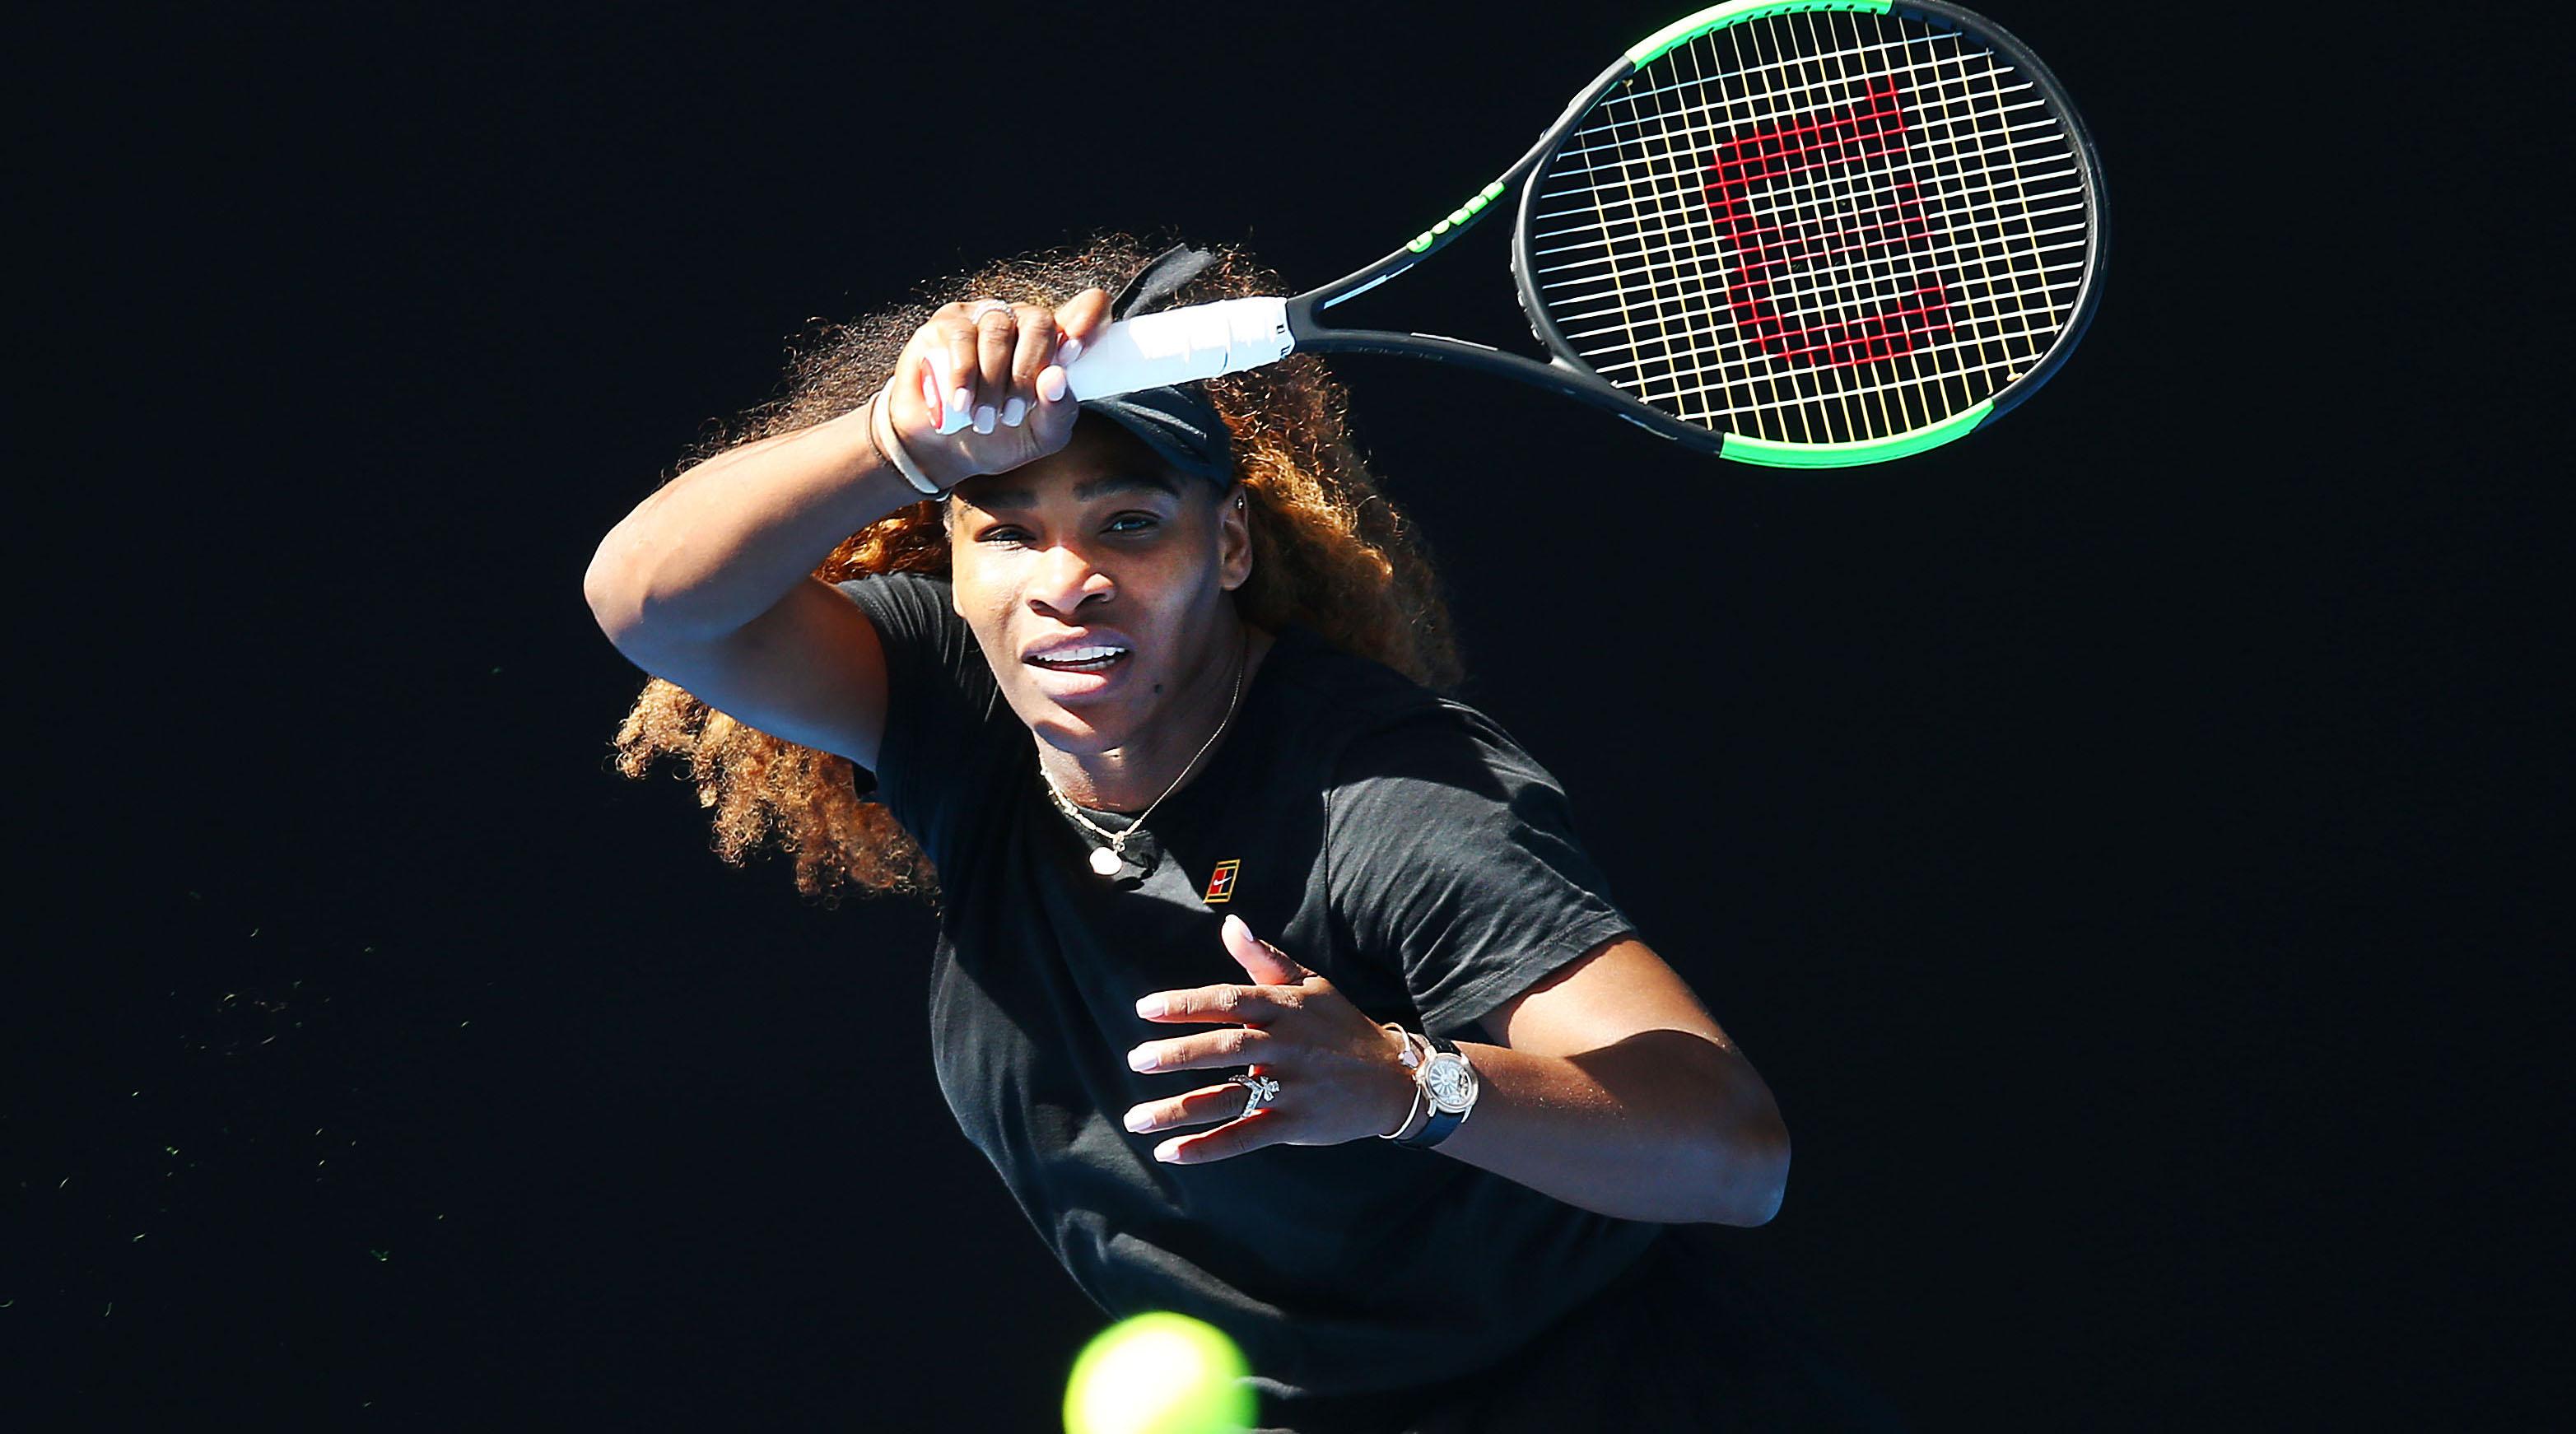 Serena Williams Australian Open first round